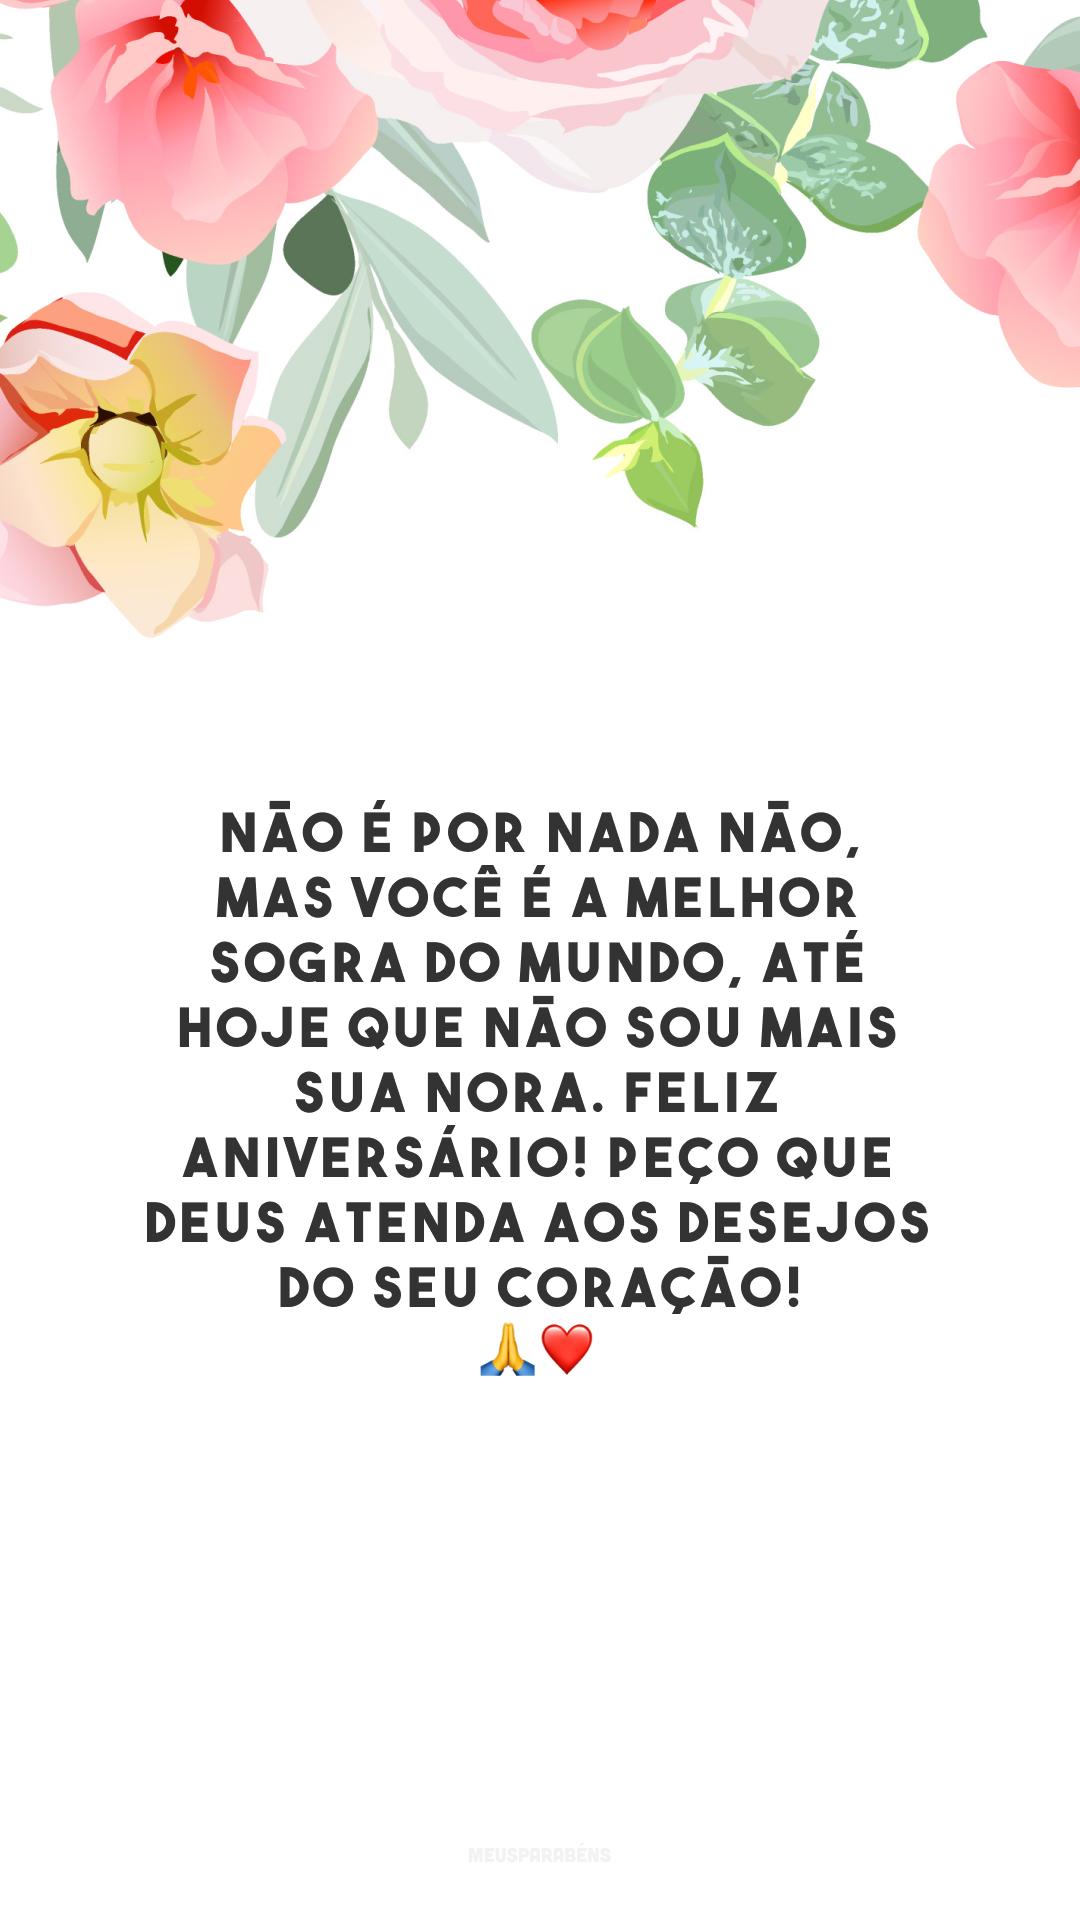 Não é por nada não, mas você é a melhor sogra do mundo, até hoje que não sou mais sua nora. Feliz aniversário! Peço que Deus atenda aos desejos do seu coração! 🙏❤️